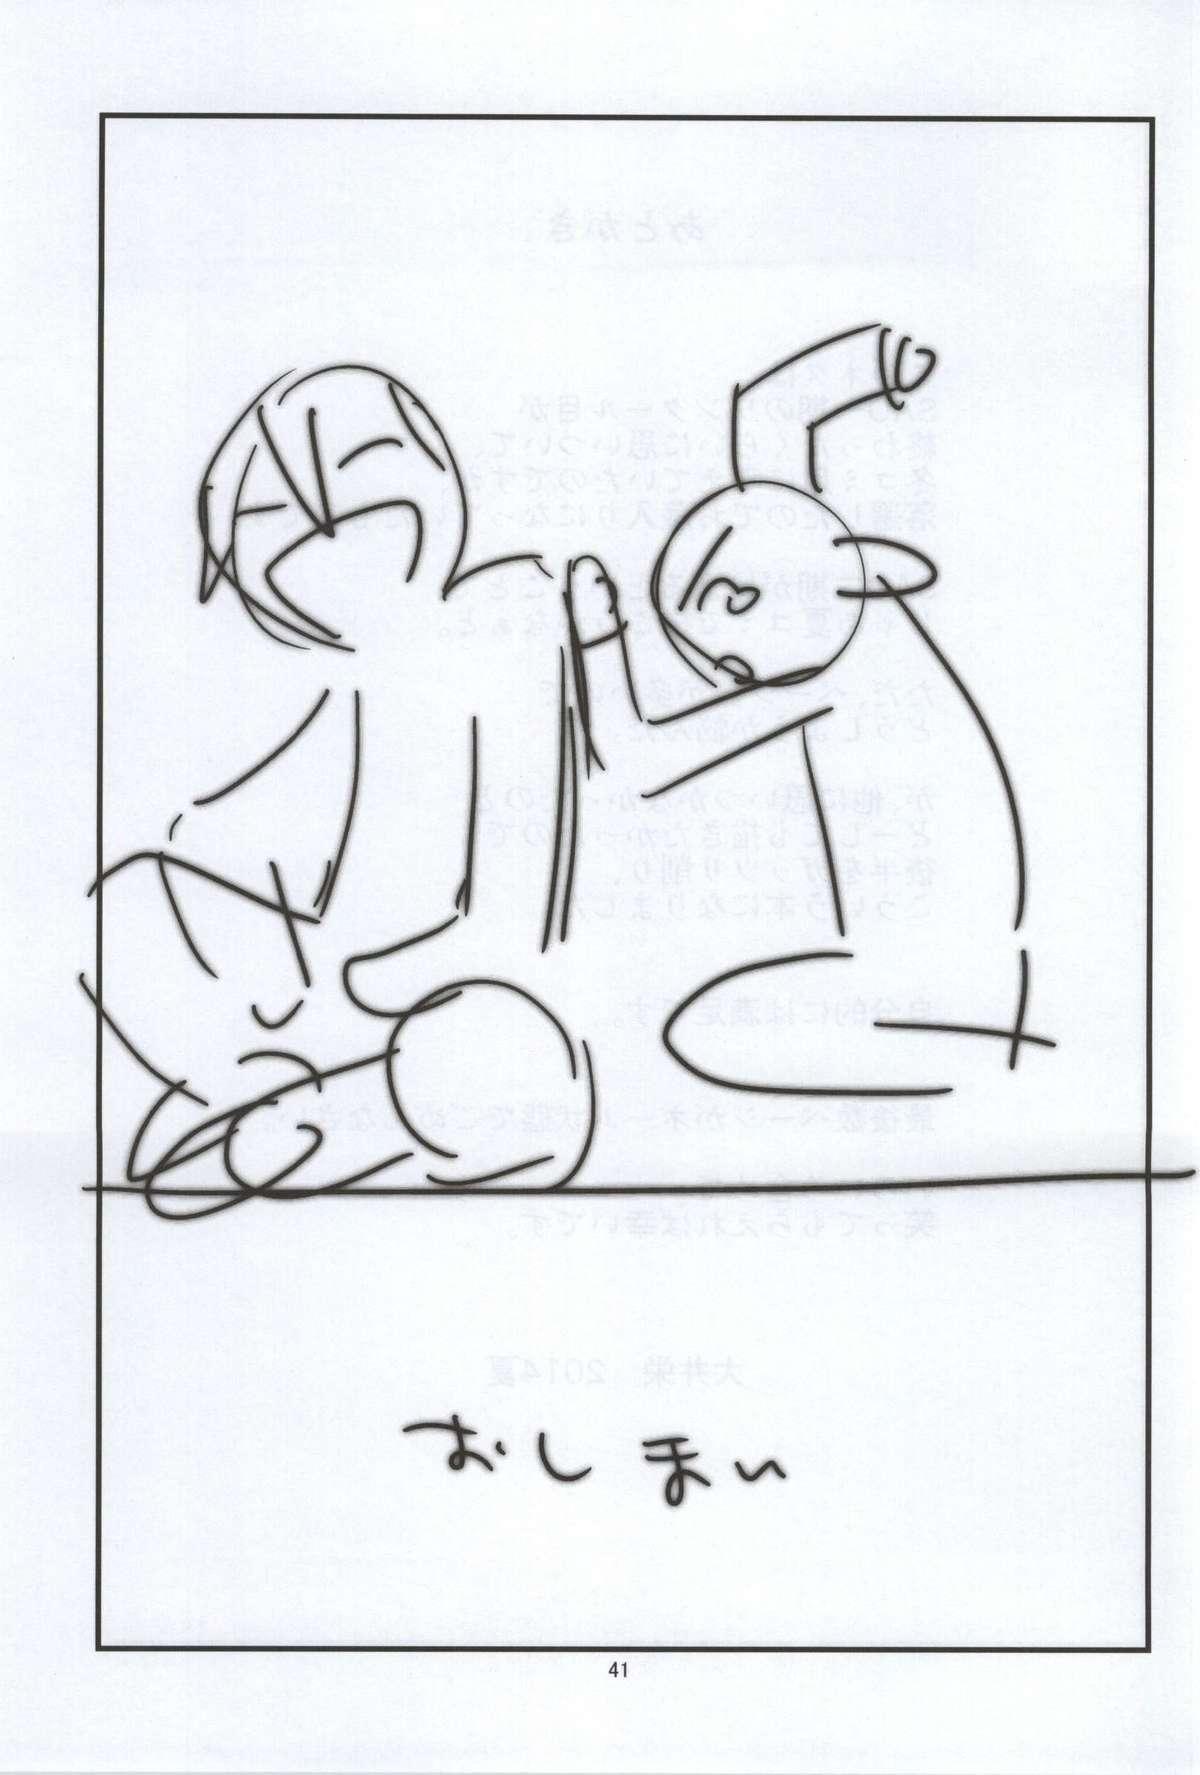 SOTO AHONA ONNASUKI 38